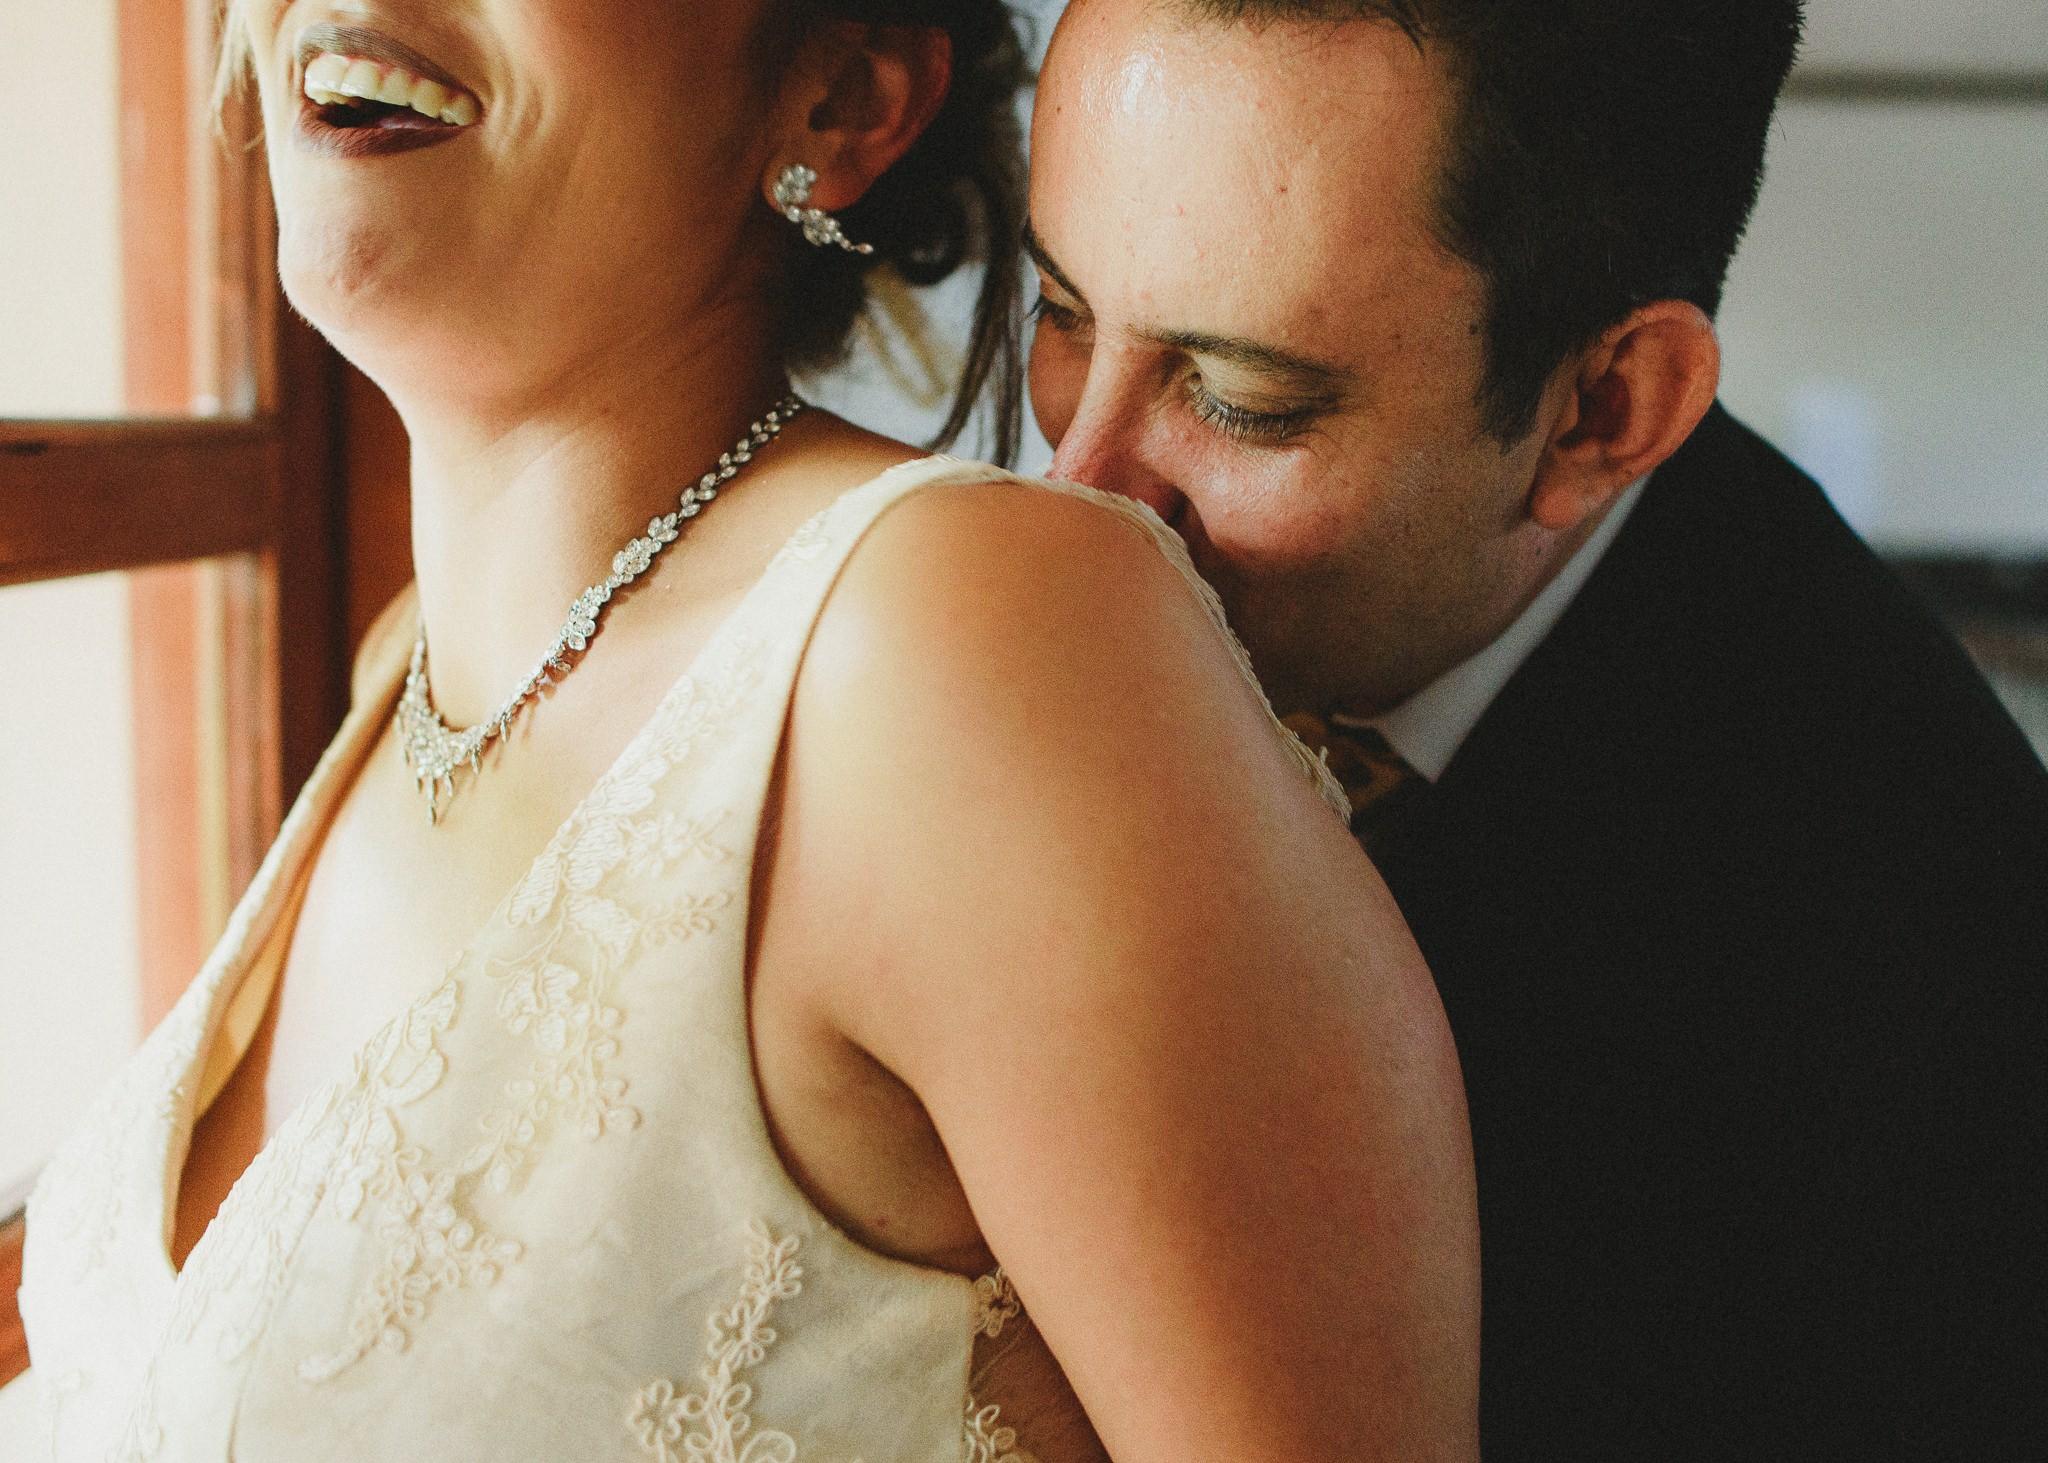 03boda-en-jardin-wedding-hacienda-los-cuartos-fotografo-luis-houdin86